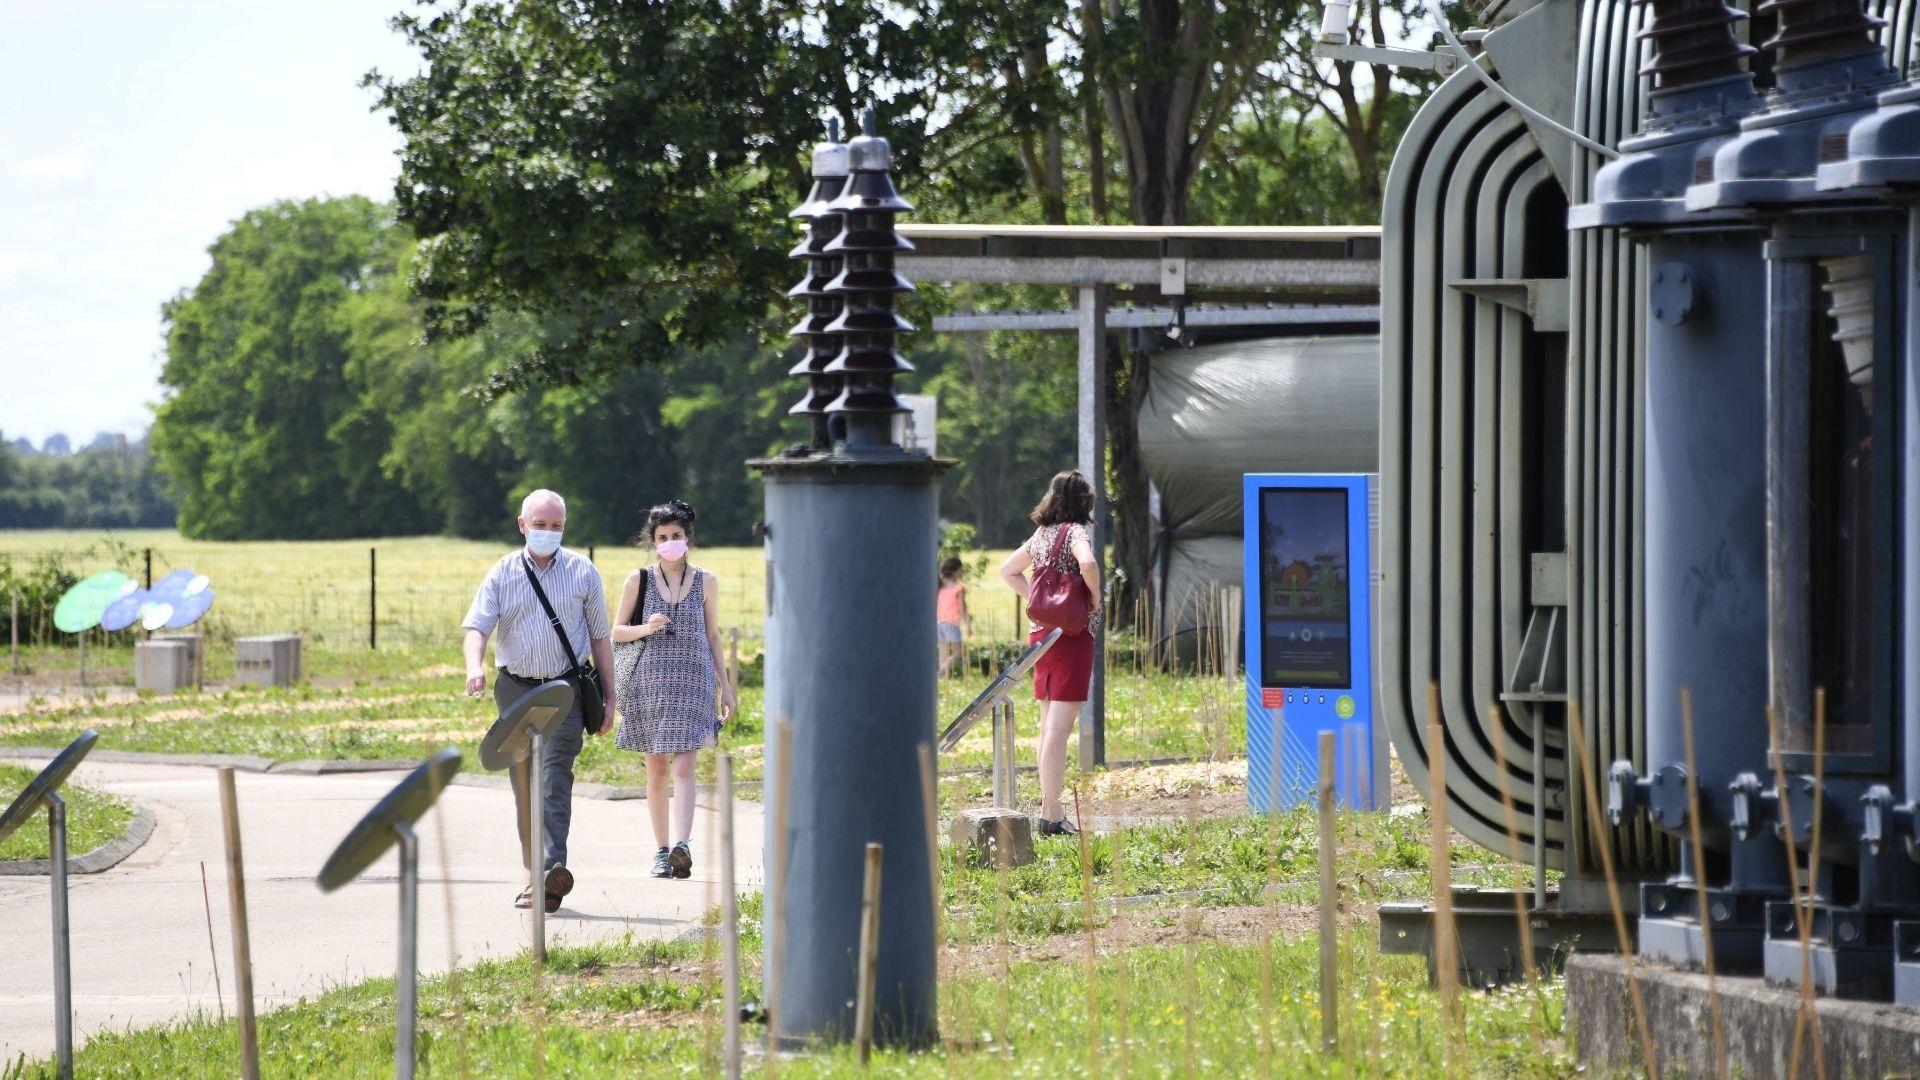 Du nouveau au musée Electropolis : des visiteurs qui flânent